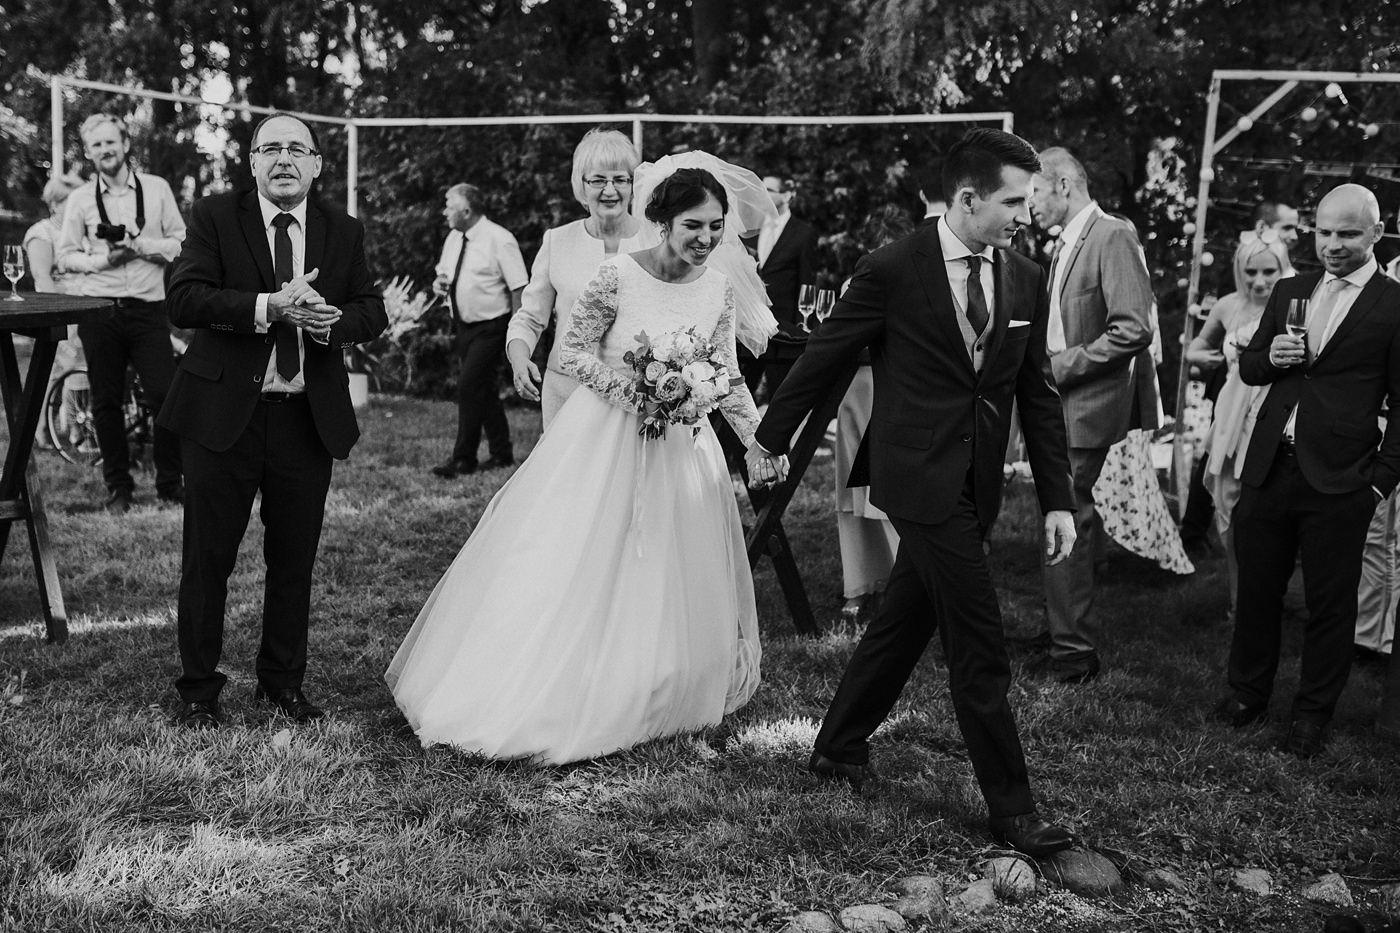 Dominika & Aleksander - Rustykalne wesele w stodole - Baborówko 92